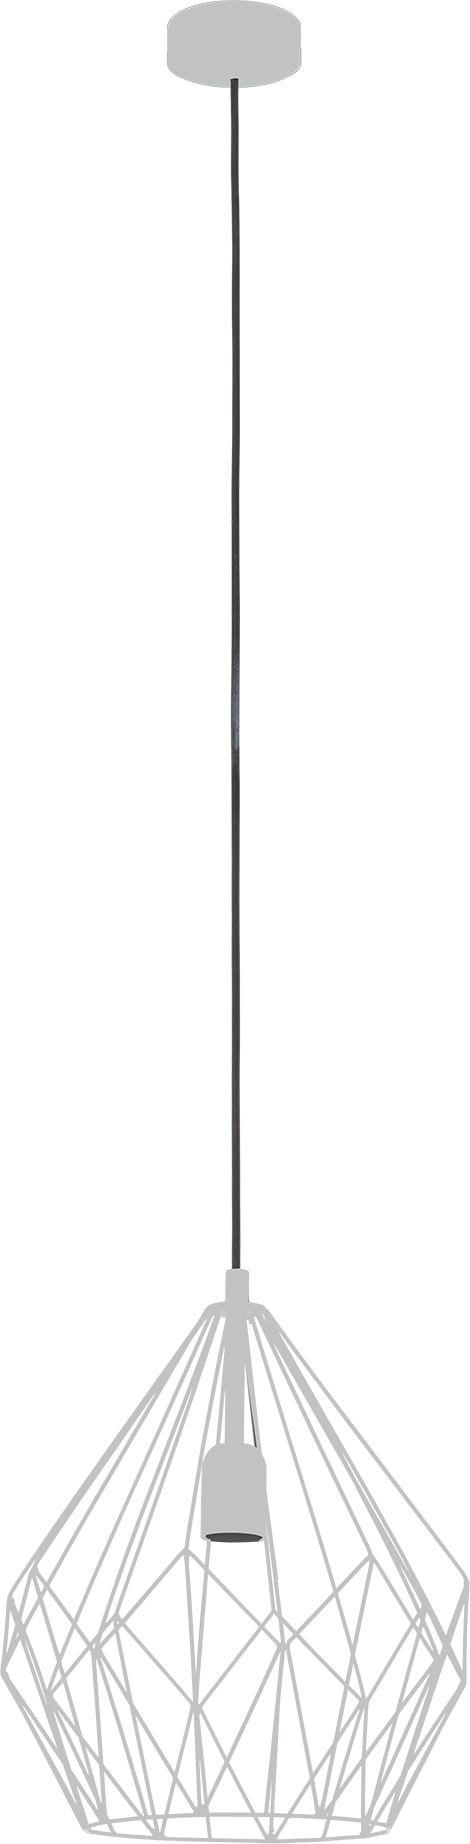 Eglo lampa wisząca Carlton 49935 - SUPER OFERTA - RABAT w koszyku